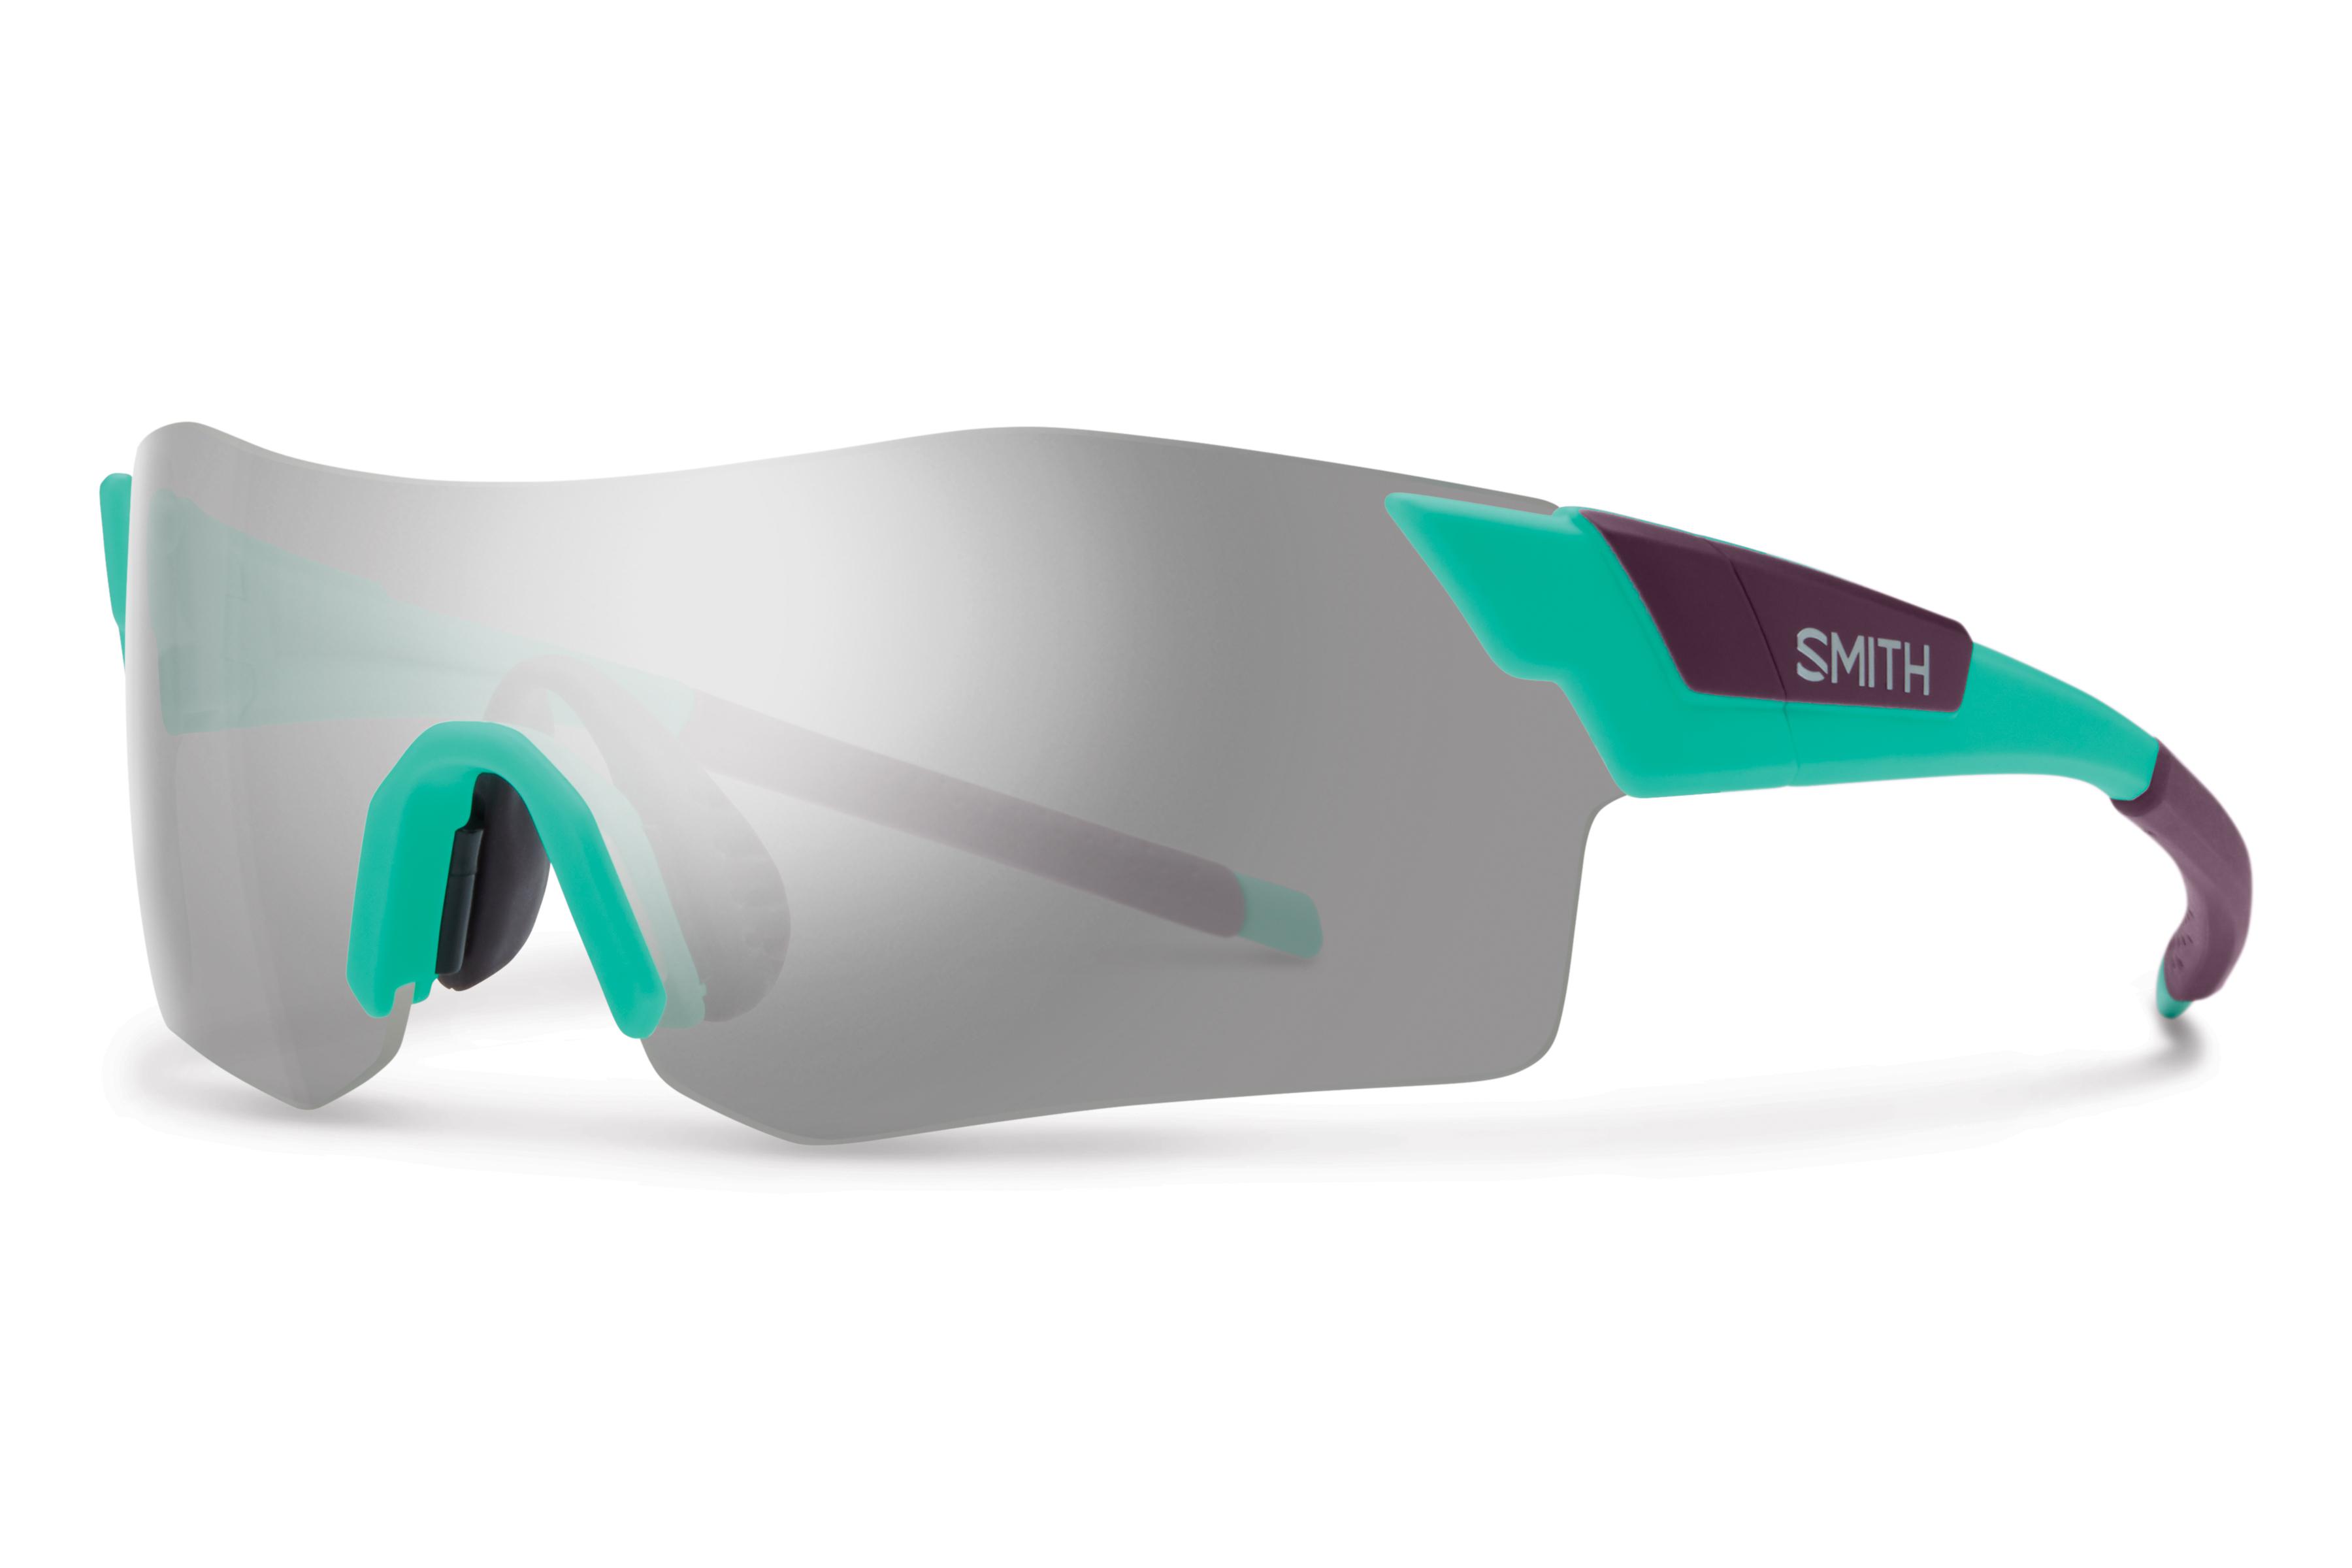 516cc0ca624 Men s Cycling sunglasses